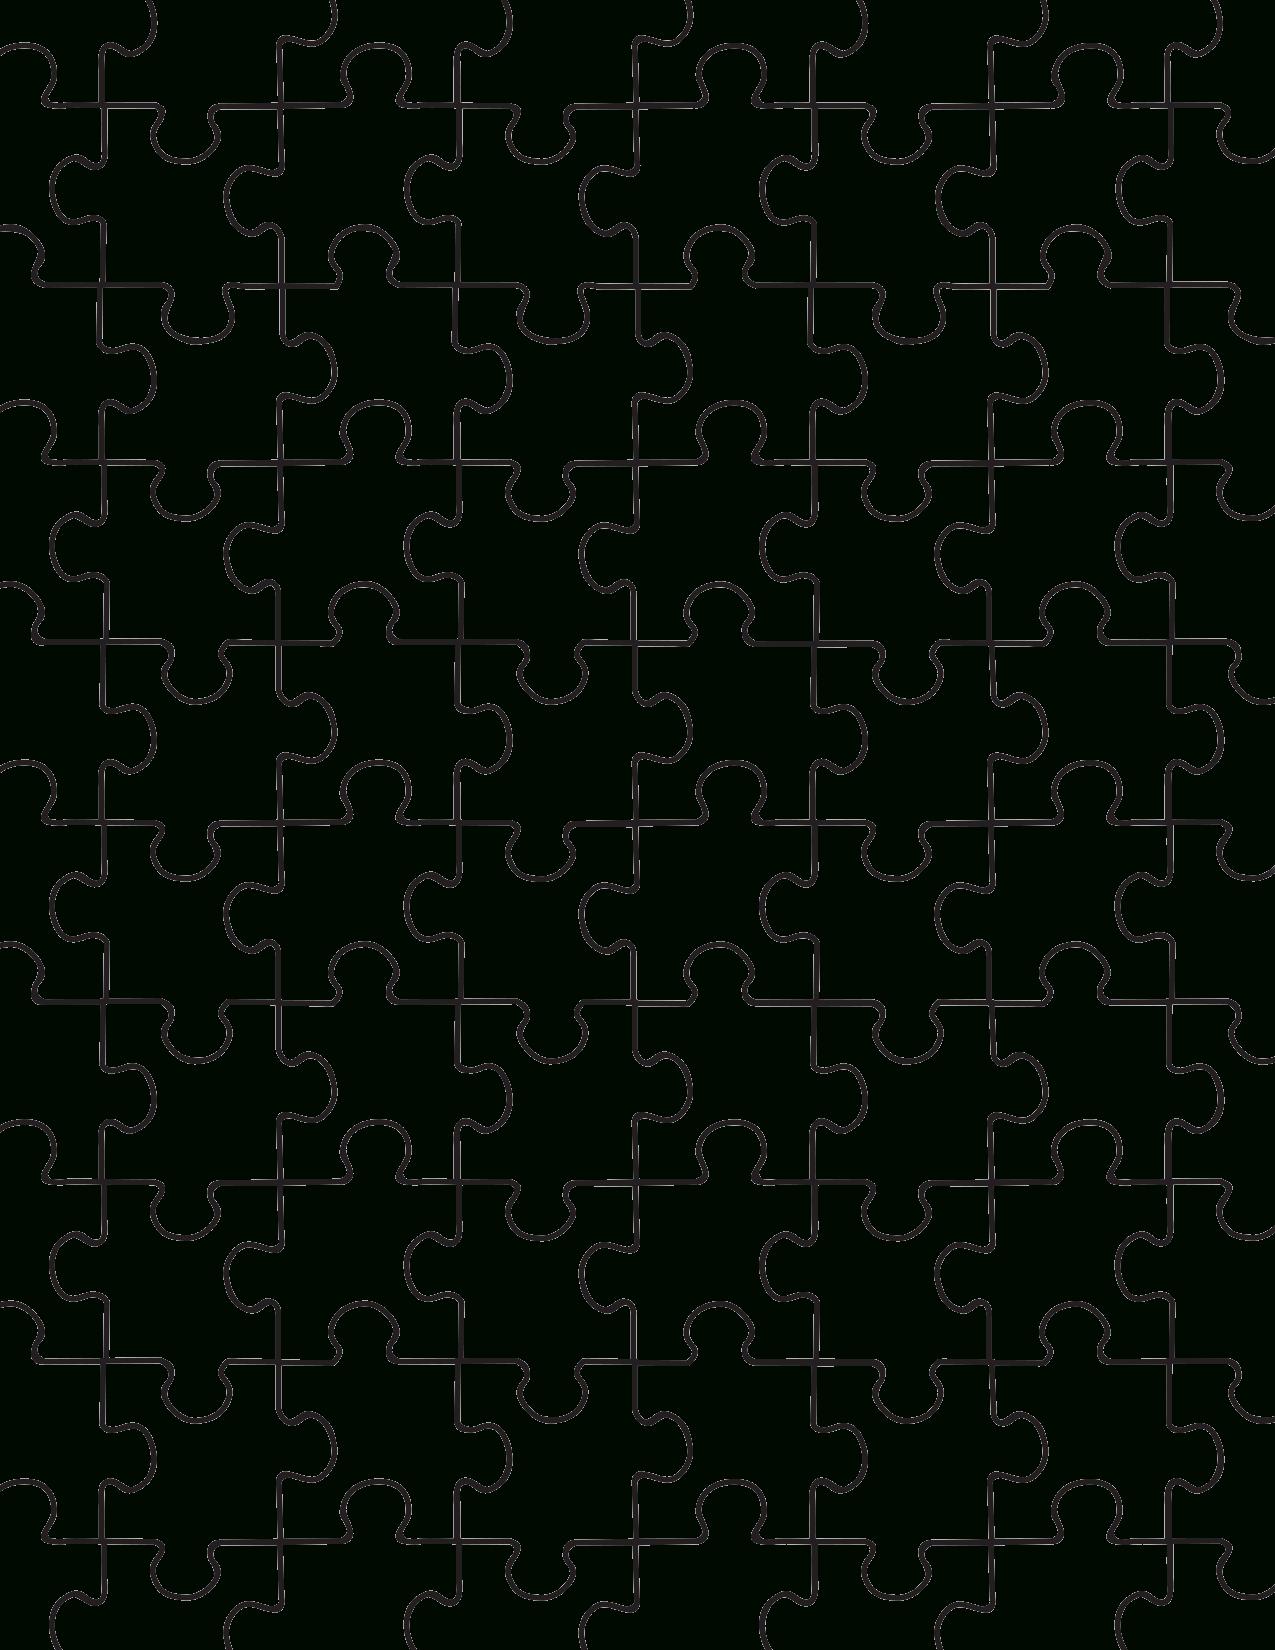 Printable Puzzle Pieces Template | Decor | Puzzle Piece Template - Printable Images Of Puzzle Pieces